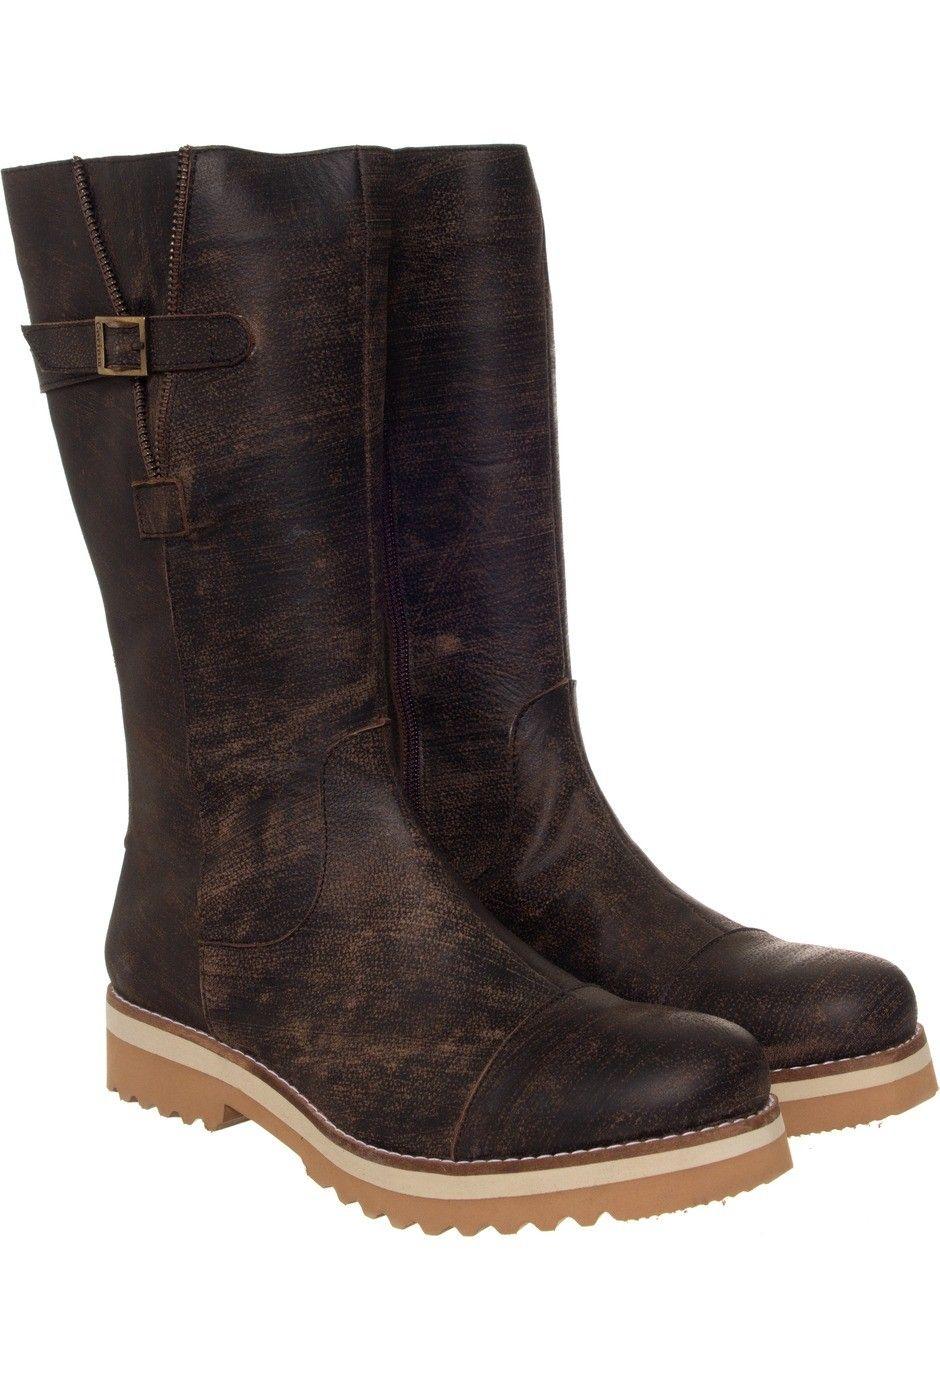 Merrell Outmost Vent Zapatilla De Mujer Zapatillas Mujer Botas De Montana Zapatos